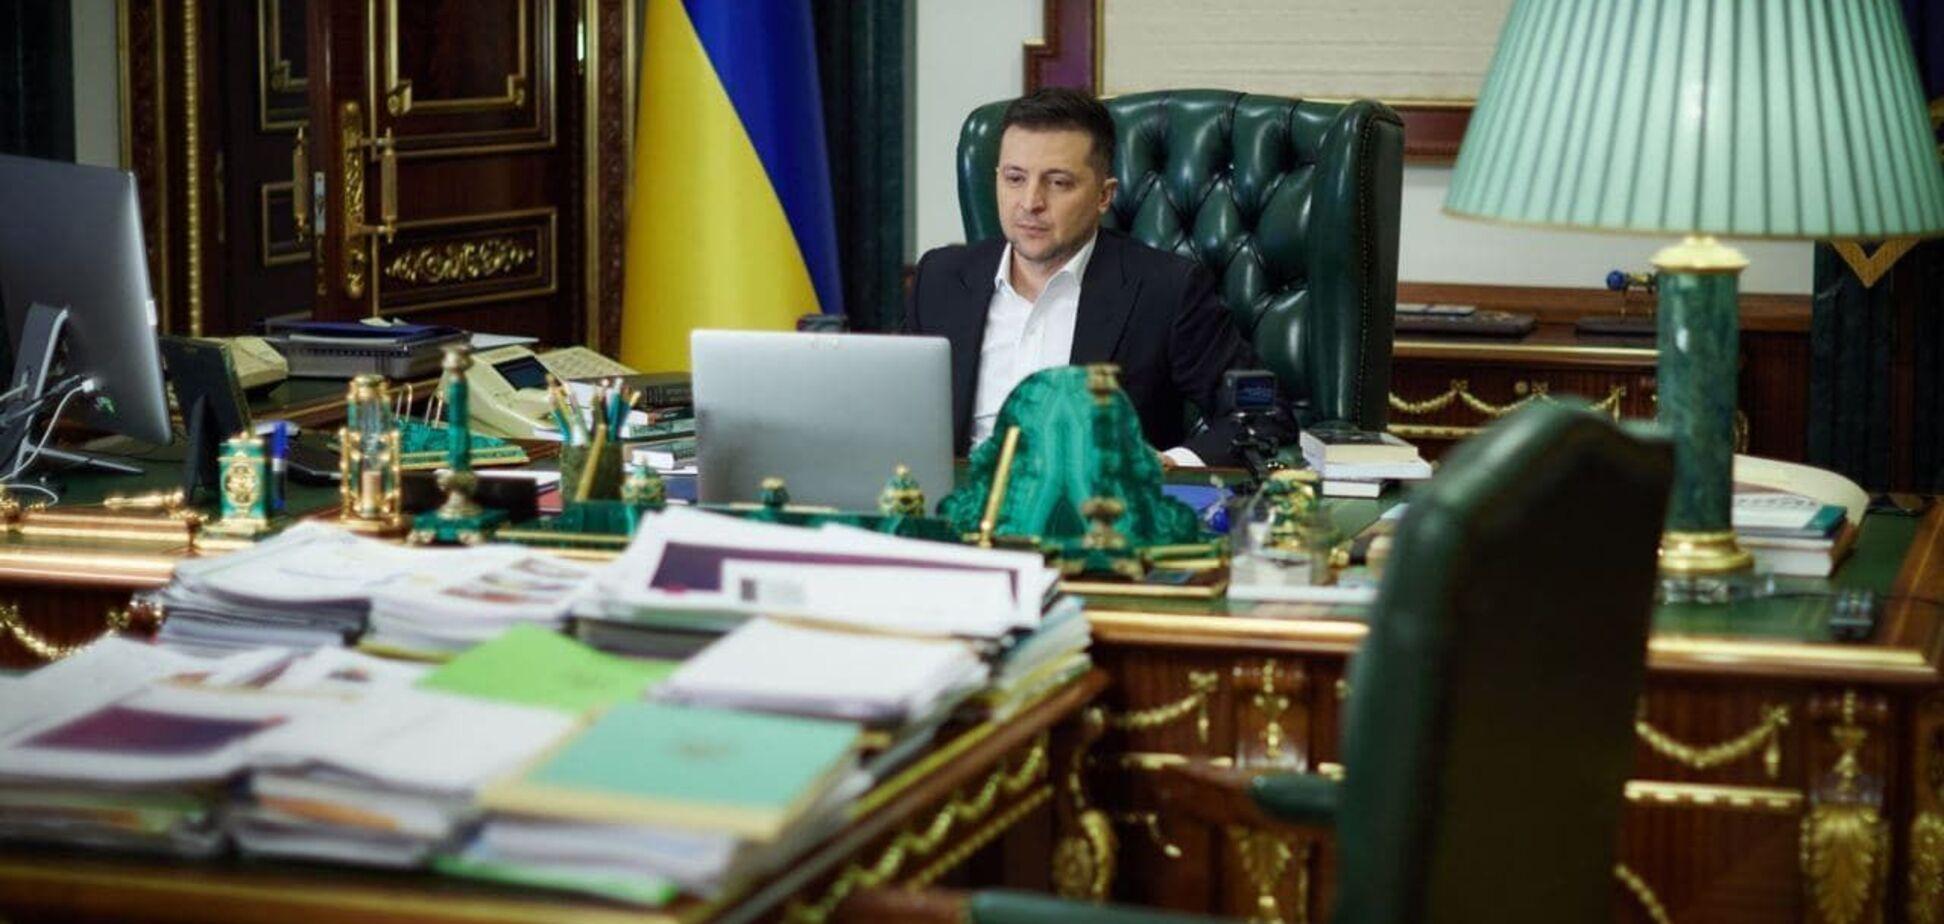 Зеленский назначил Магомедова главой Нацкомиссии по ценным бумагам